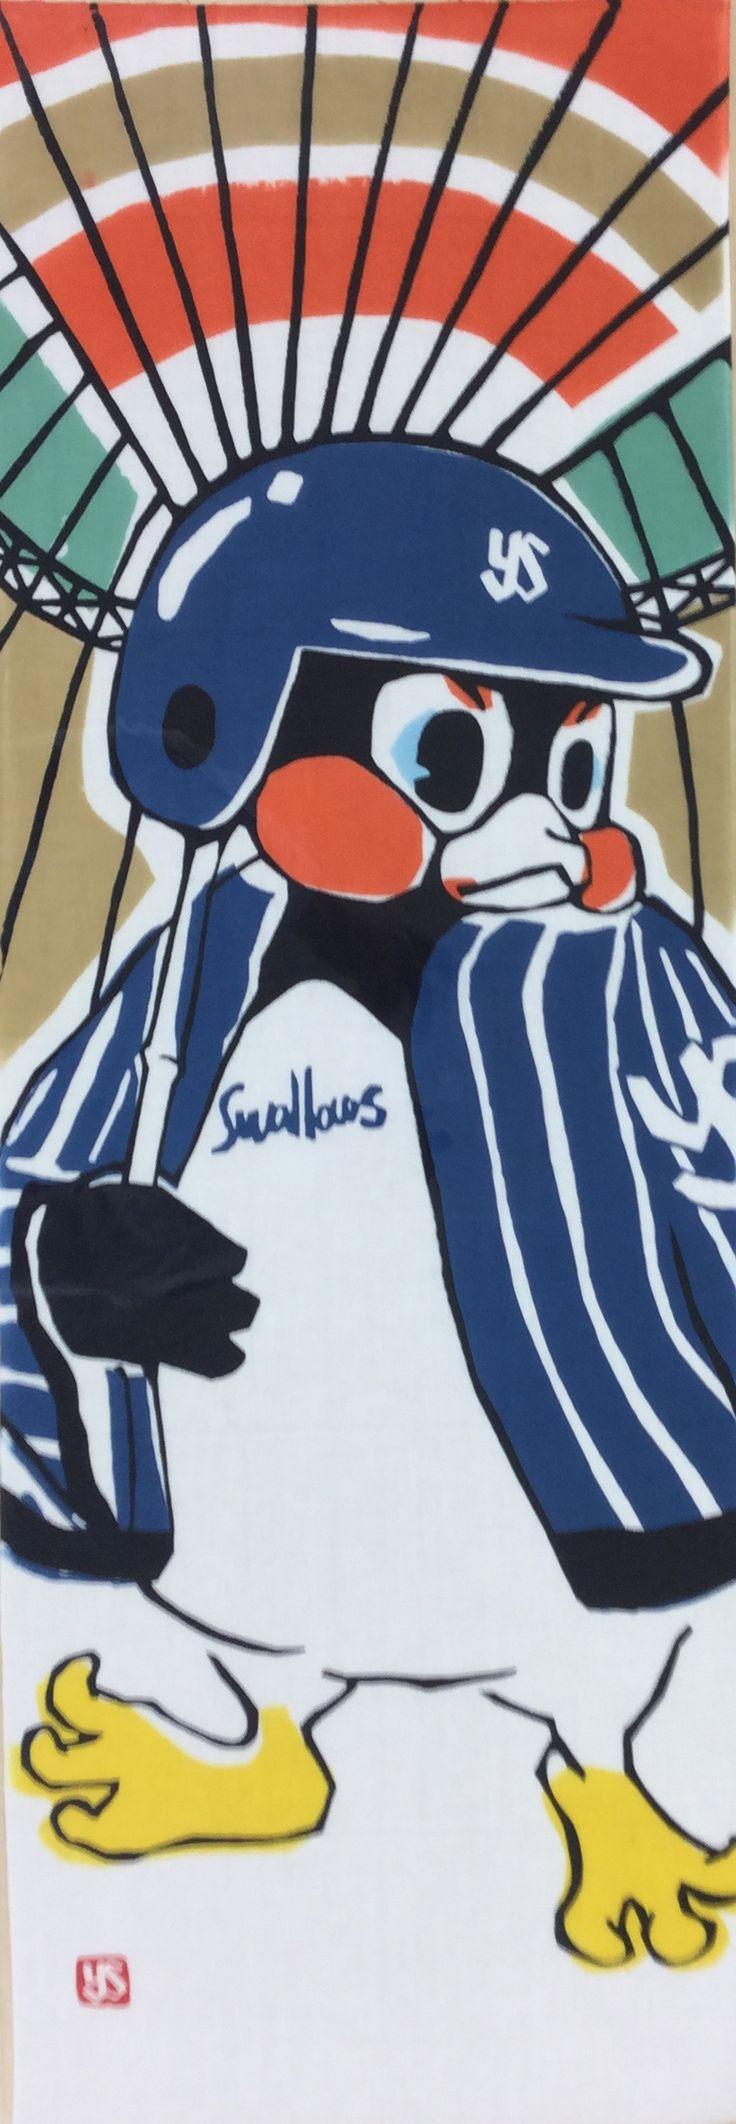 注染スワローズ手ぬぐい(浮世絵) | 東京ヤクルトスワローズ オフィシャルネットショップ